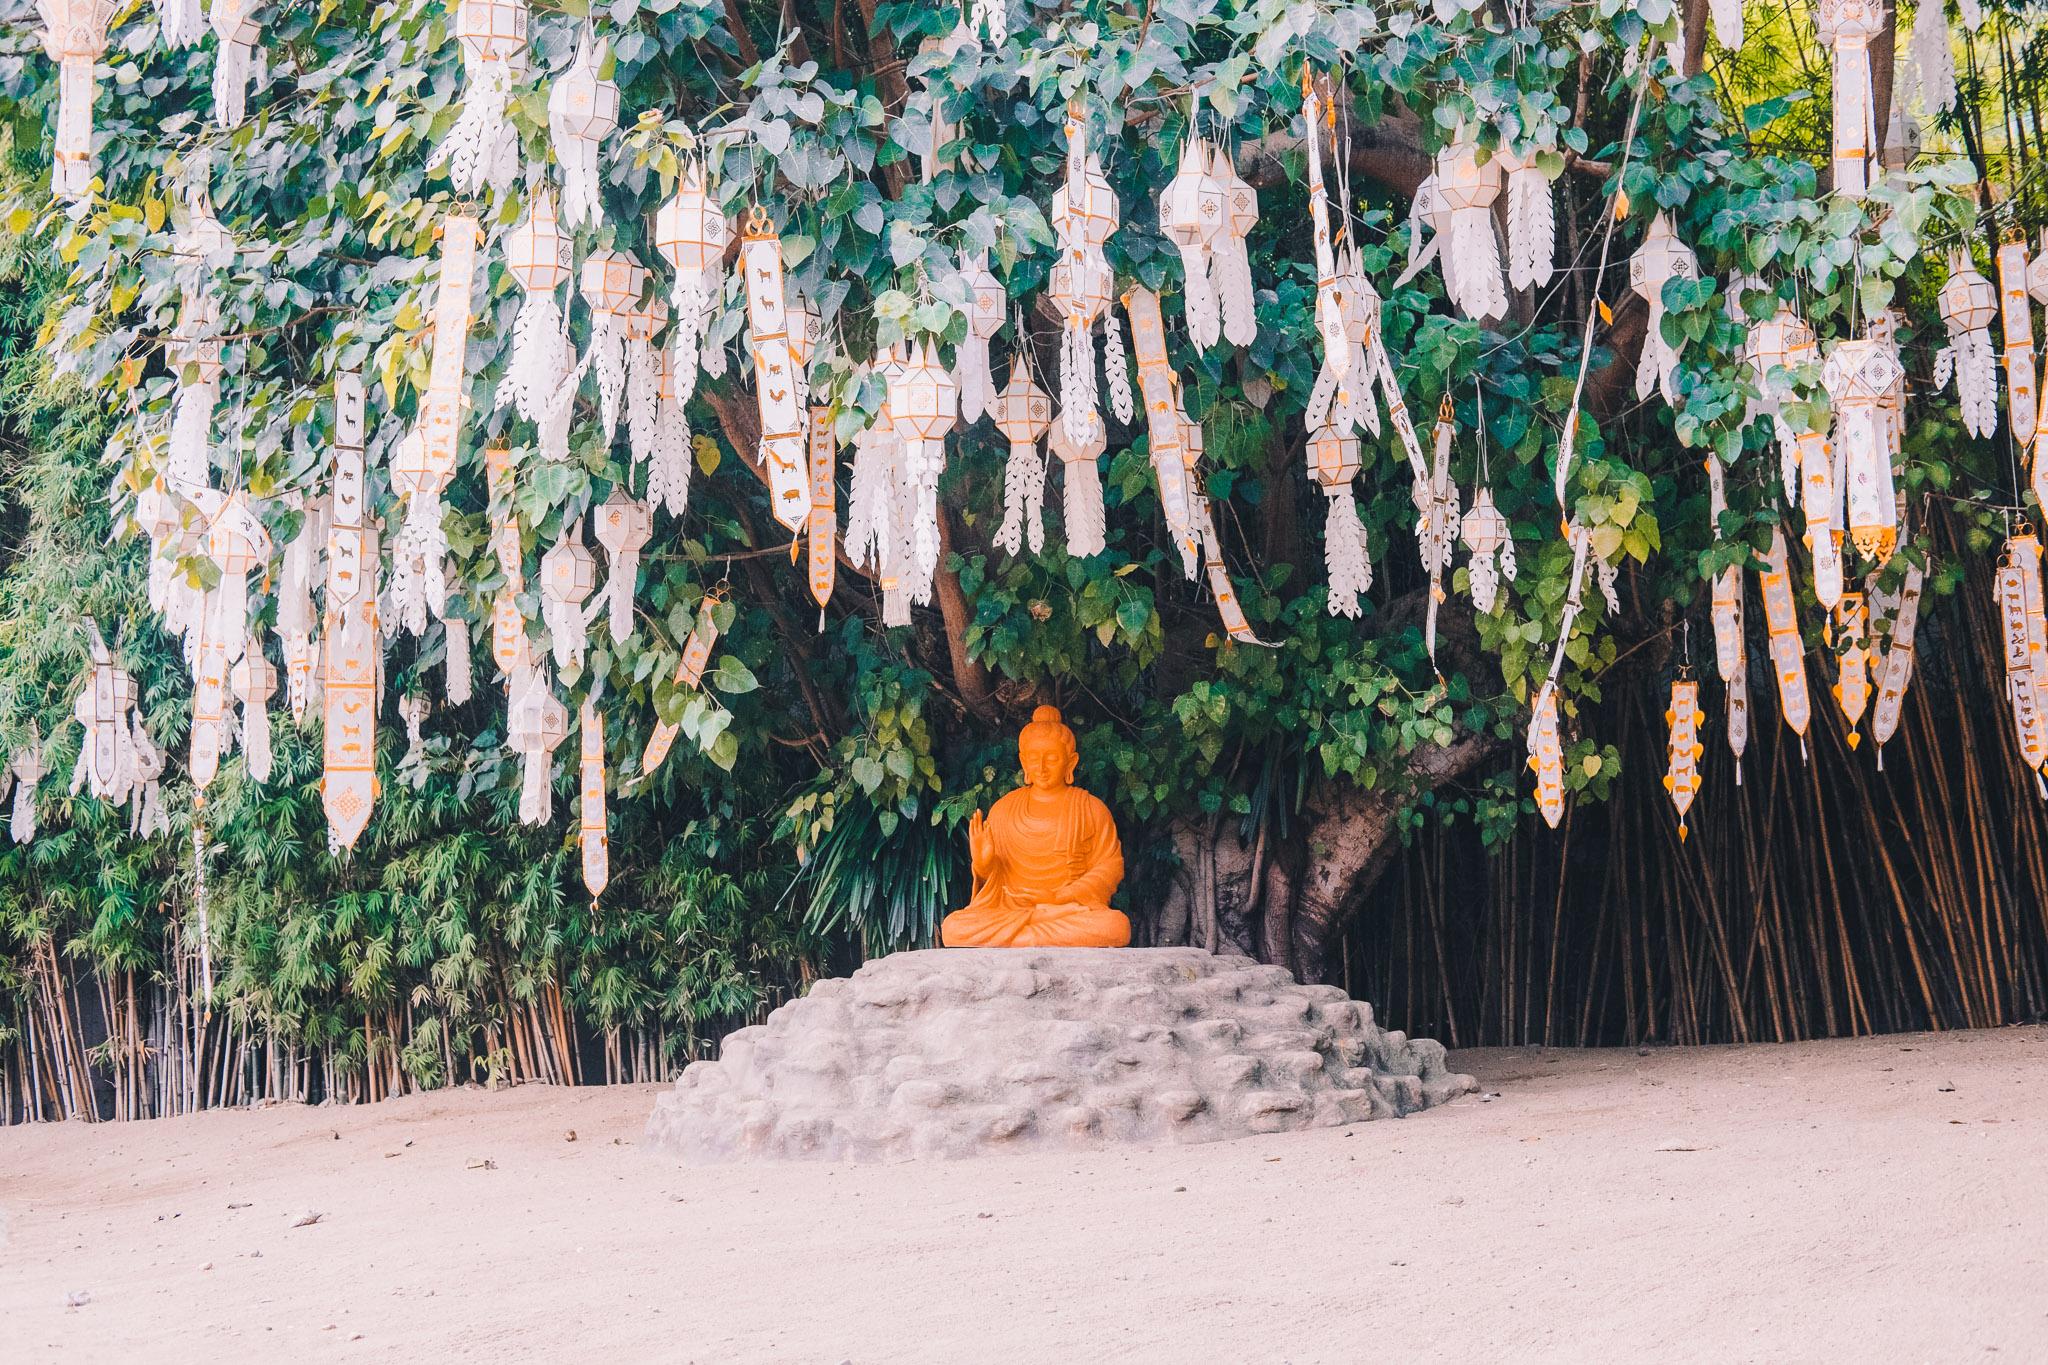 thailand-chiang-mai-4.jpg